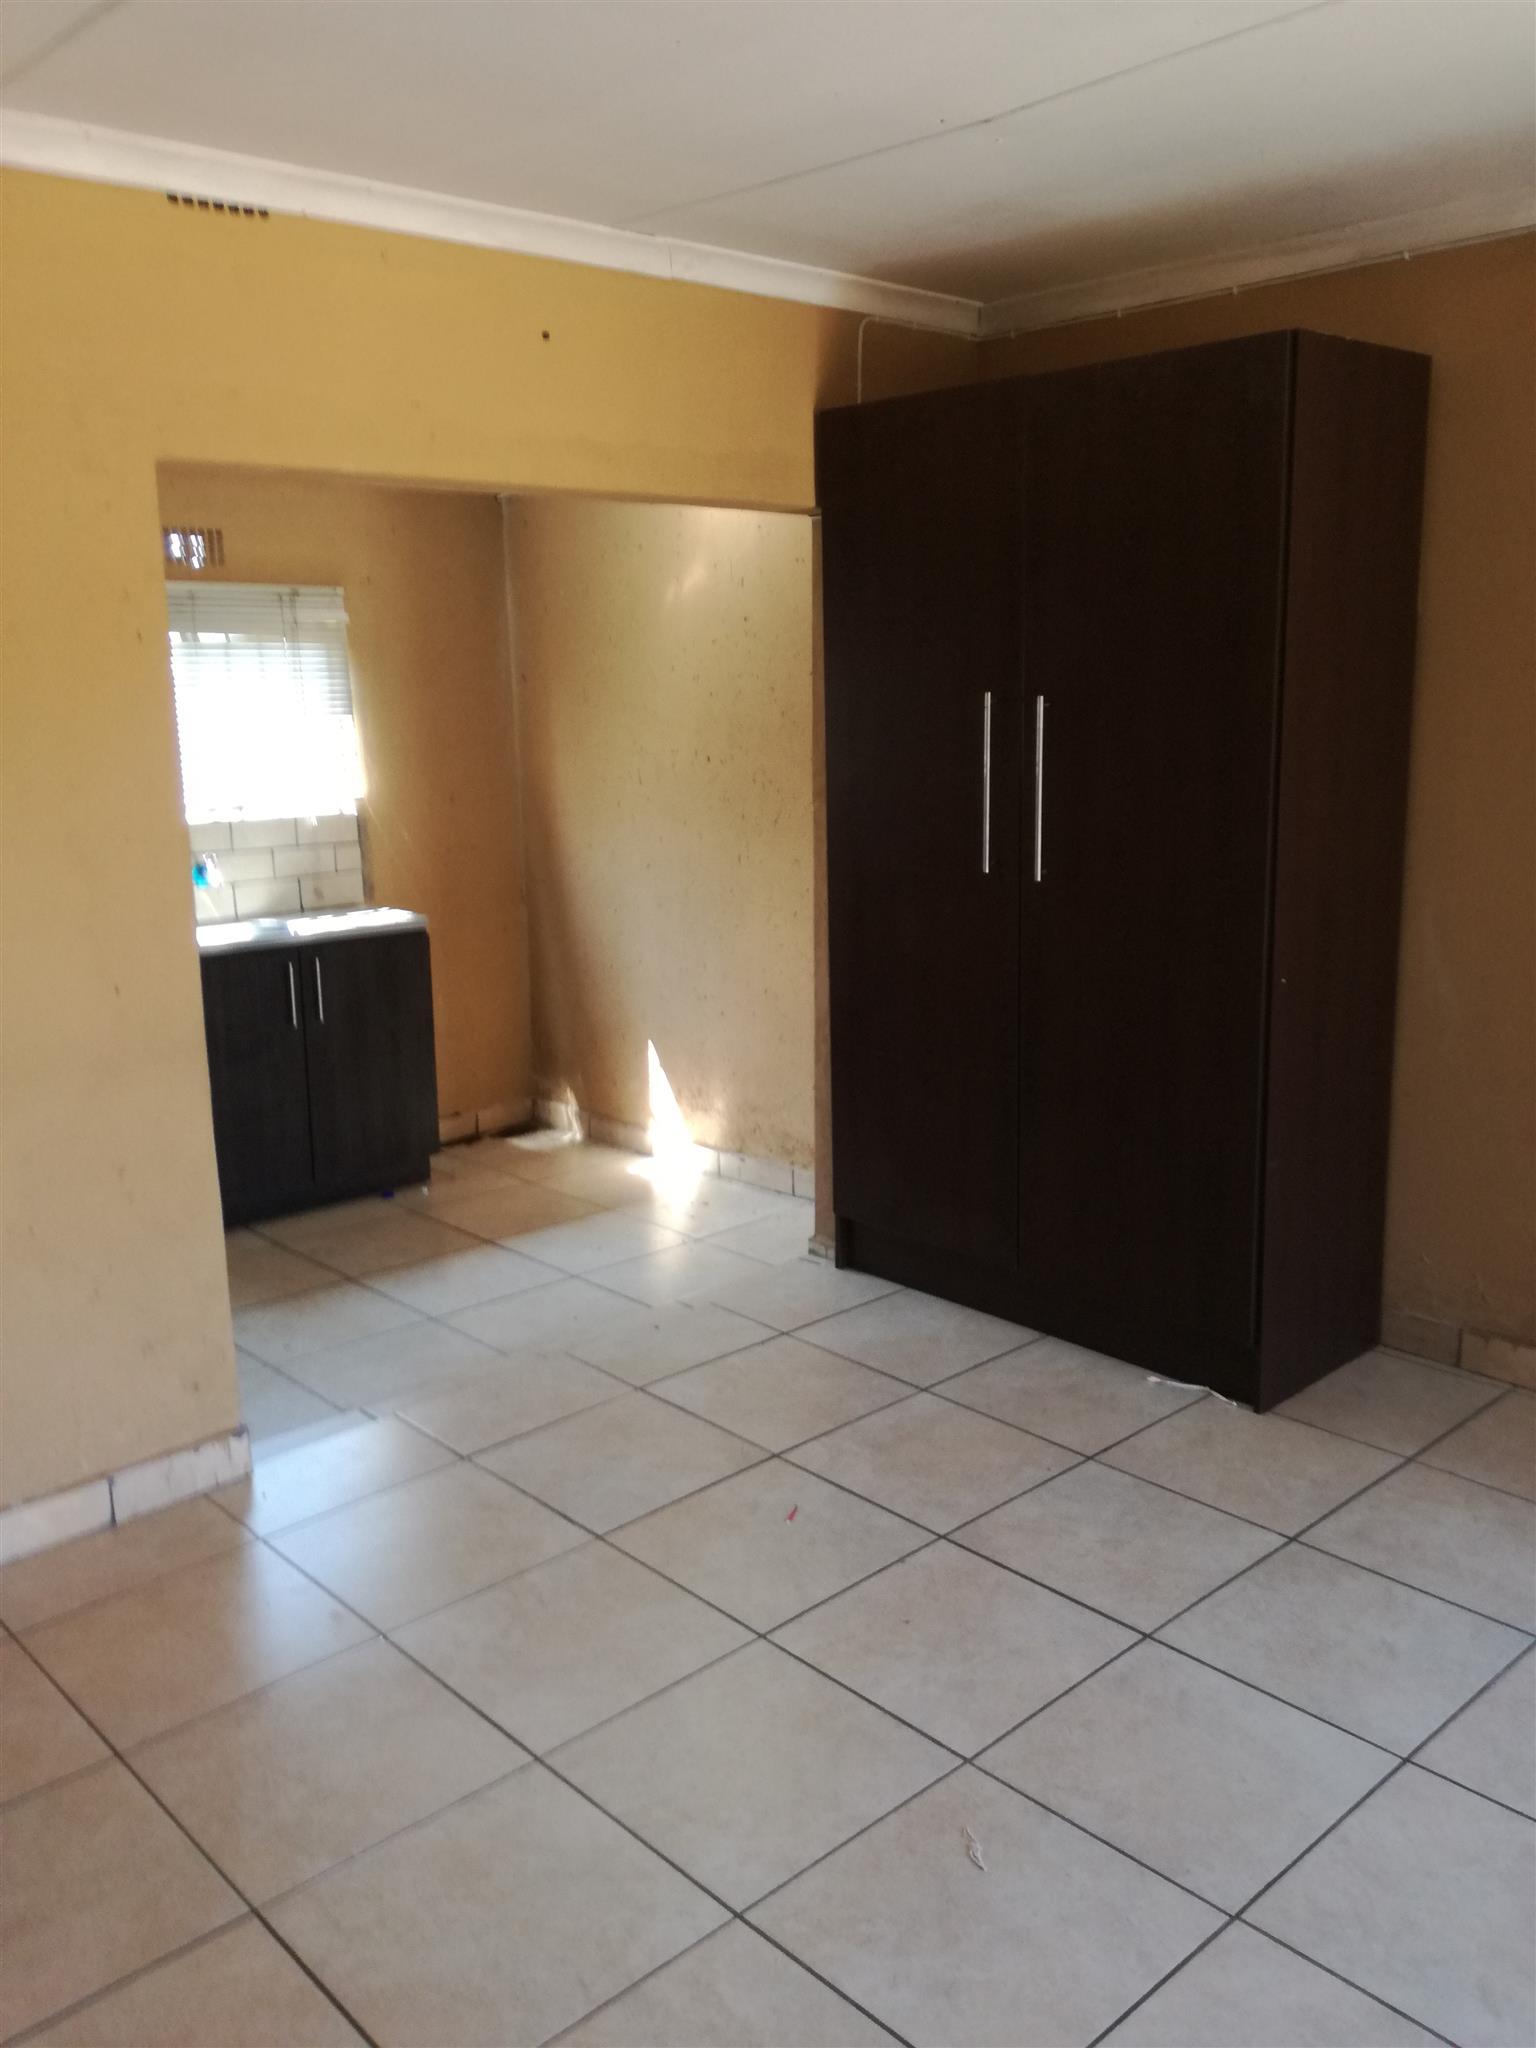 Bachelor room to rent